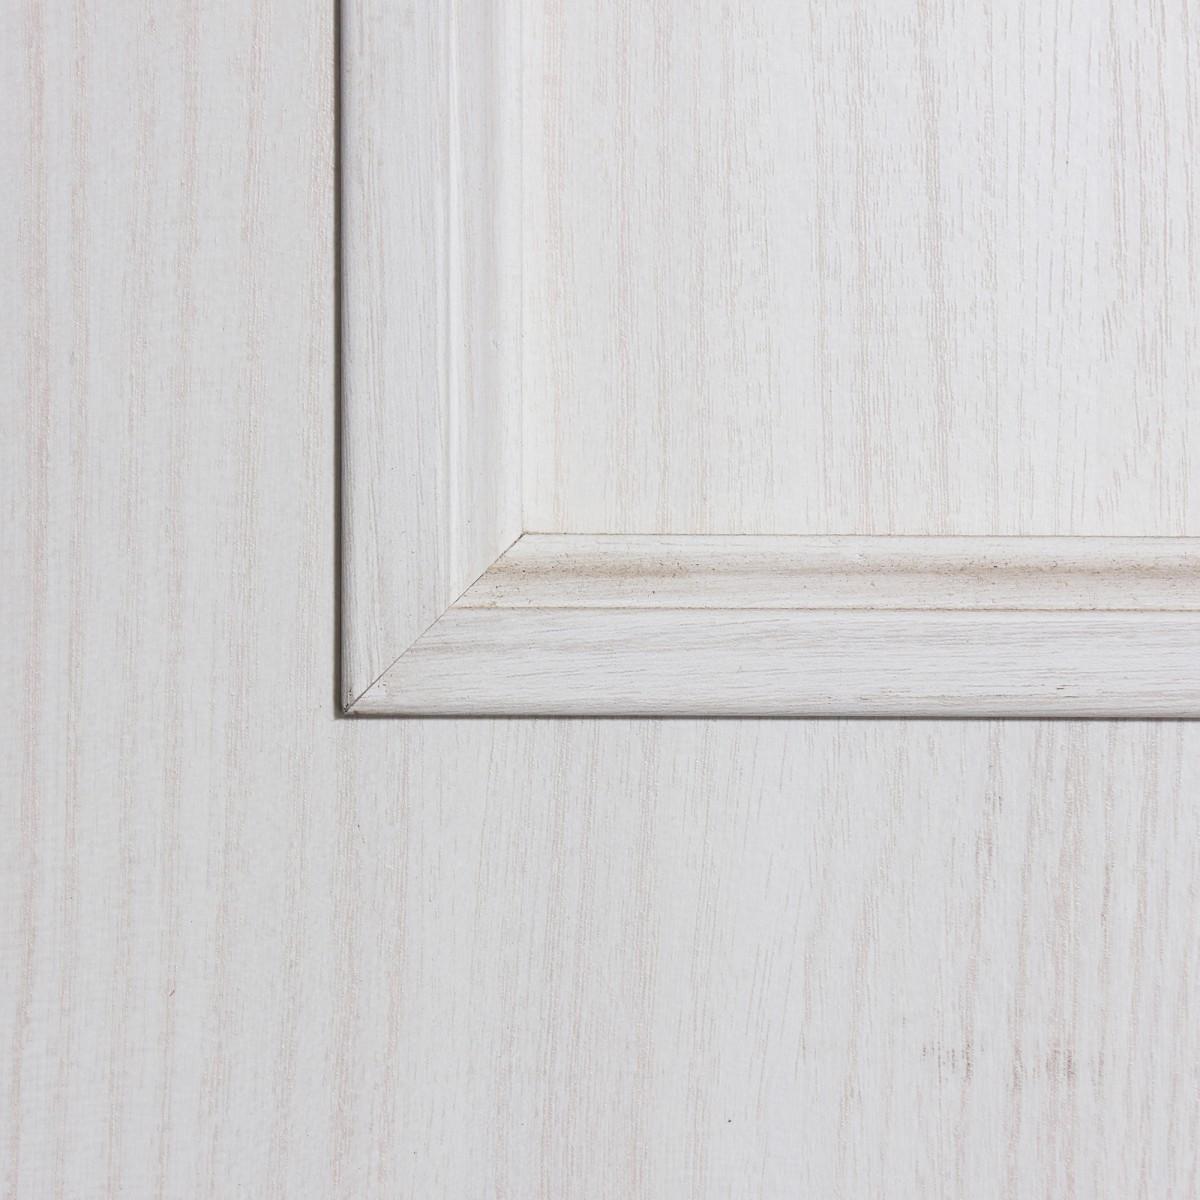 Дверь Межкомнатная Глухая Провенца 90x200 Цвет Дуб Медео